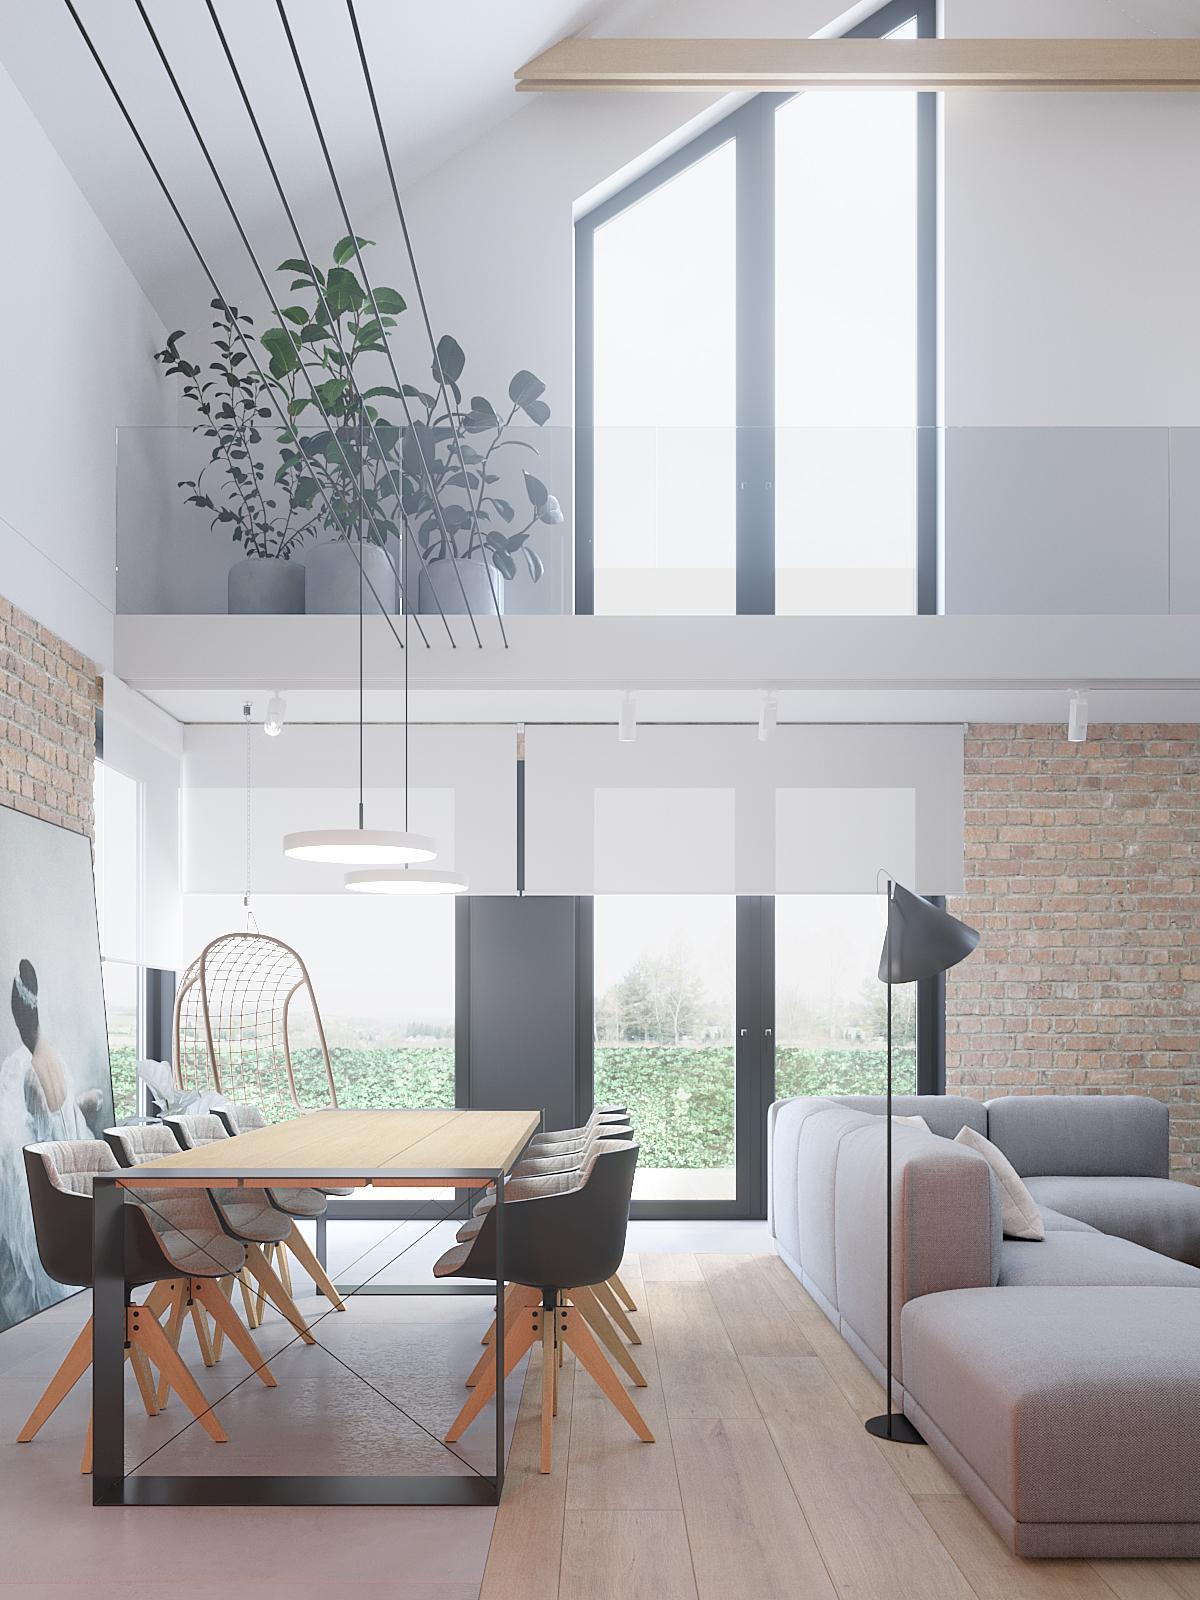 4 architekt wnetrz D428 dom Ruda Slaska salon z antresola cegla na scianie szara sofa duzy stol z kubelkowymi krzeslami betonowe donice